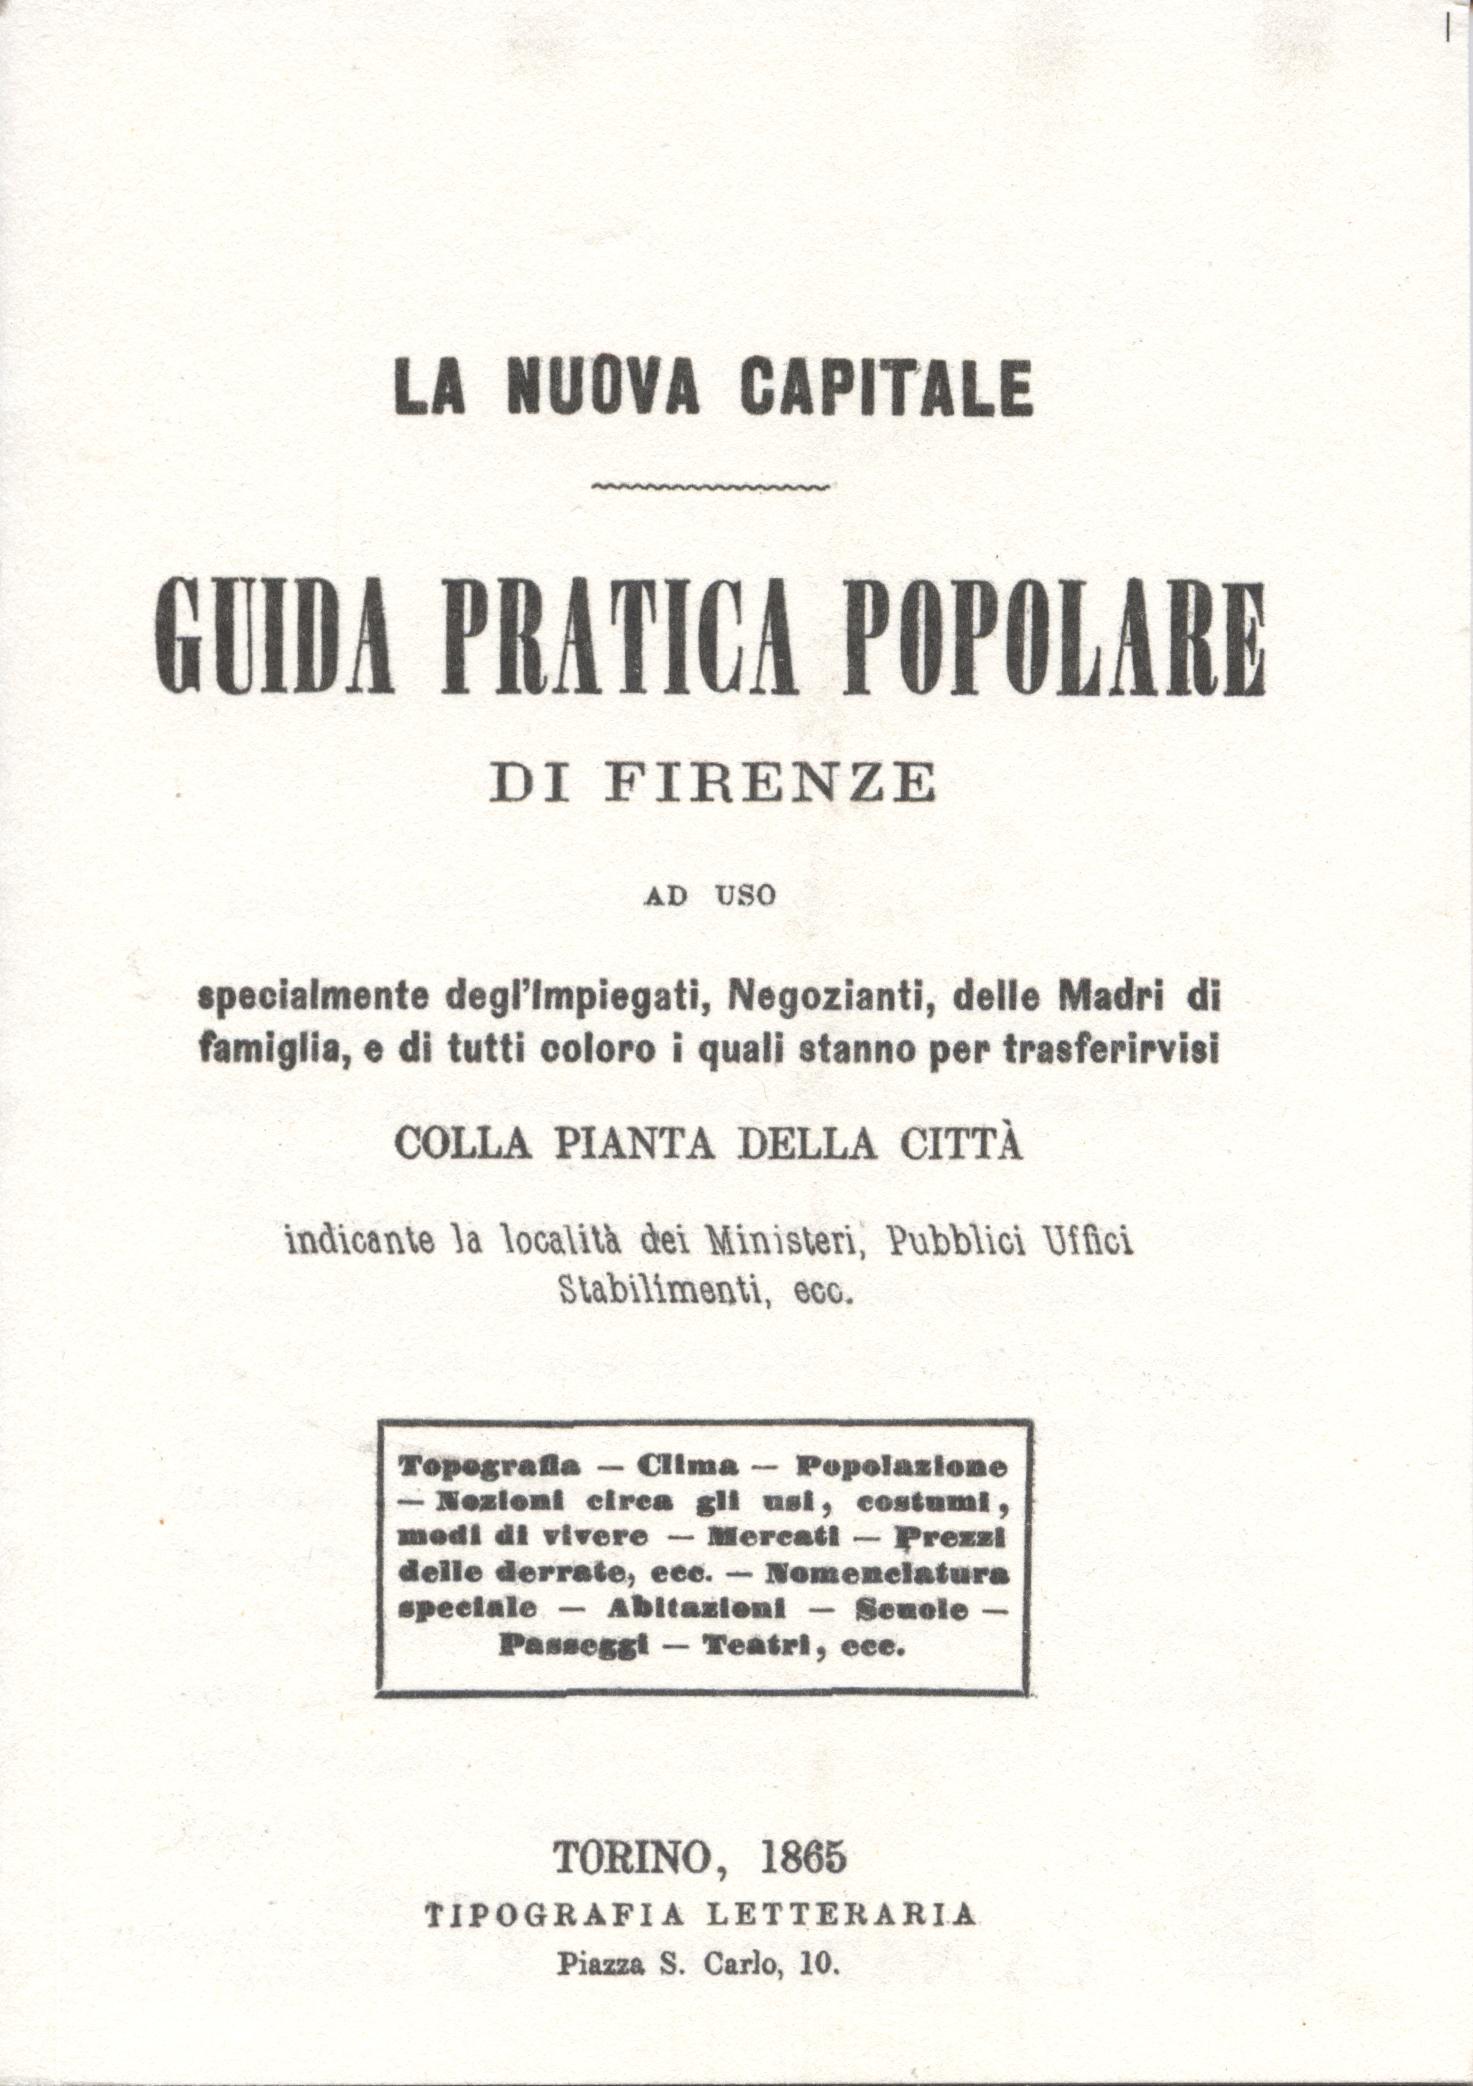 Guida pratica popolare di Firenze ad uso specialmente degl'impiegati, negozianti, delle madri di famiglia e di tutti coloro i quali stanno per trasferirvisi